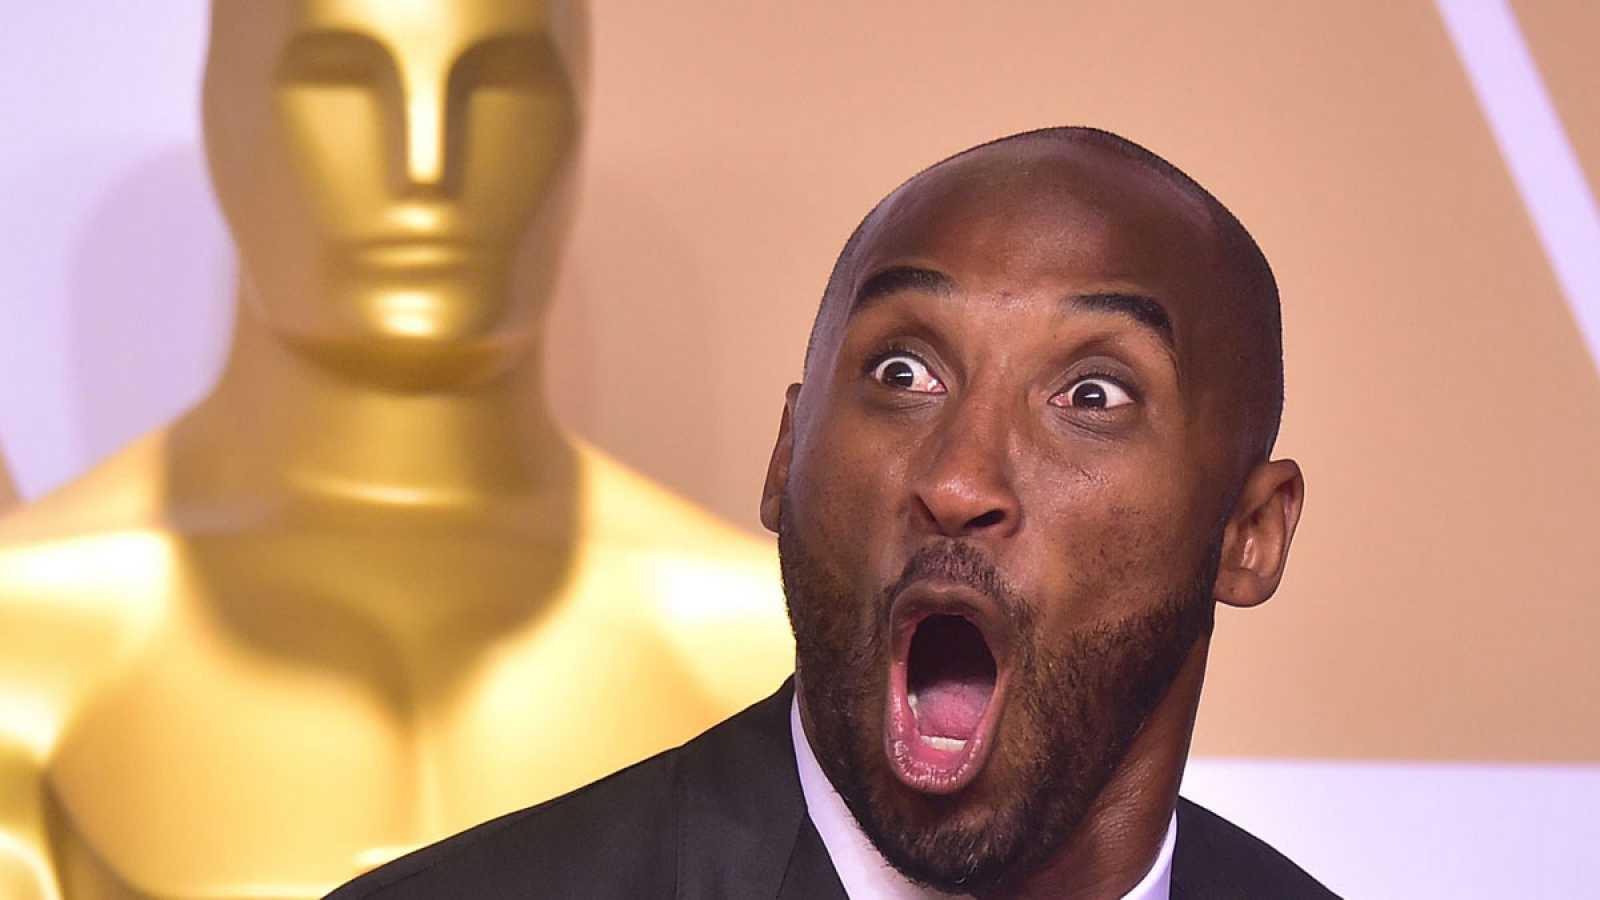 ¿Un Oscar para Kobe Briant?